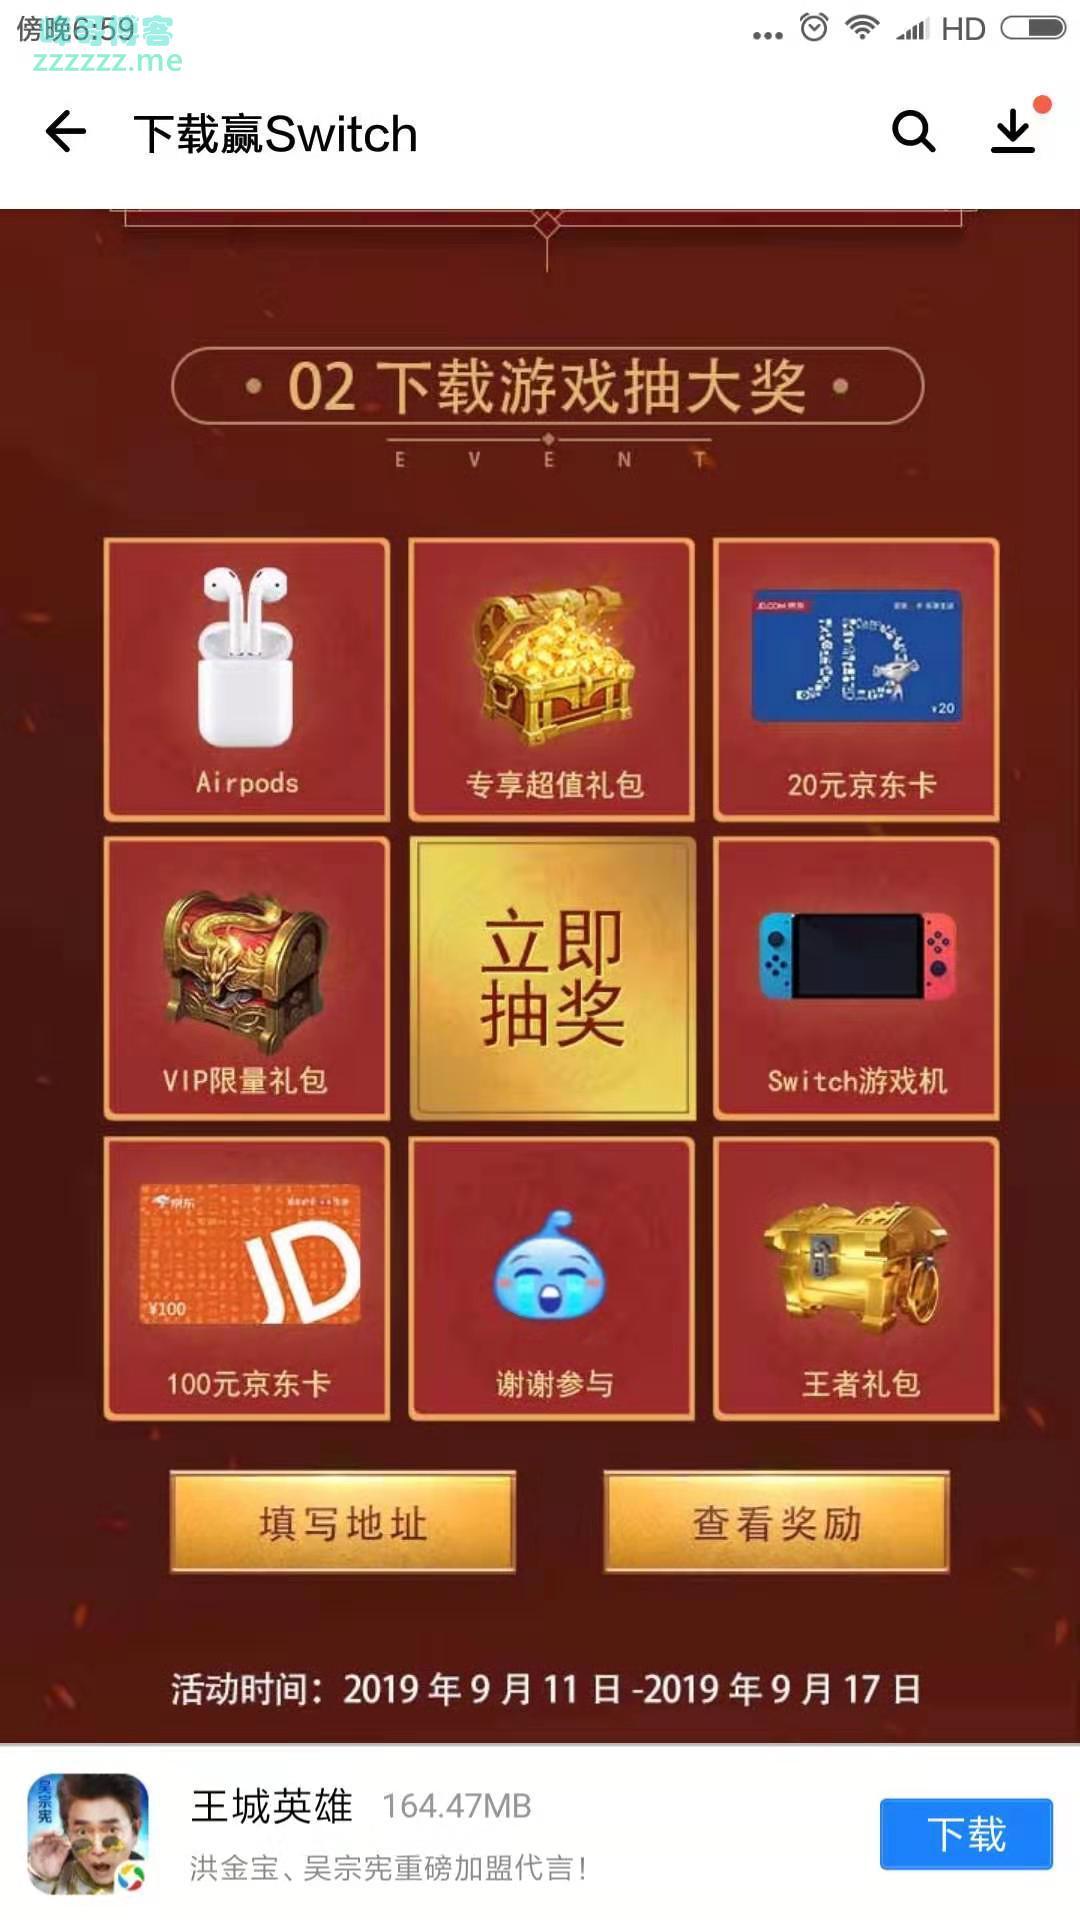 应用宝王城英雄 下载抽大奖(截止9月17日)